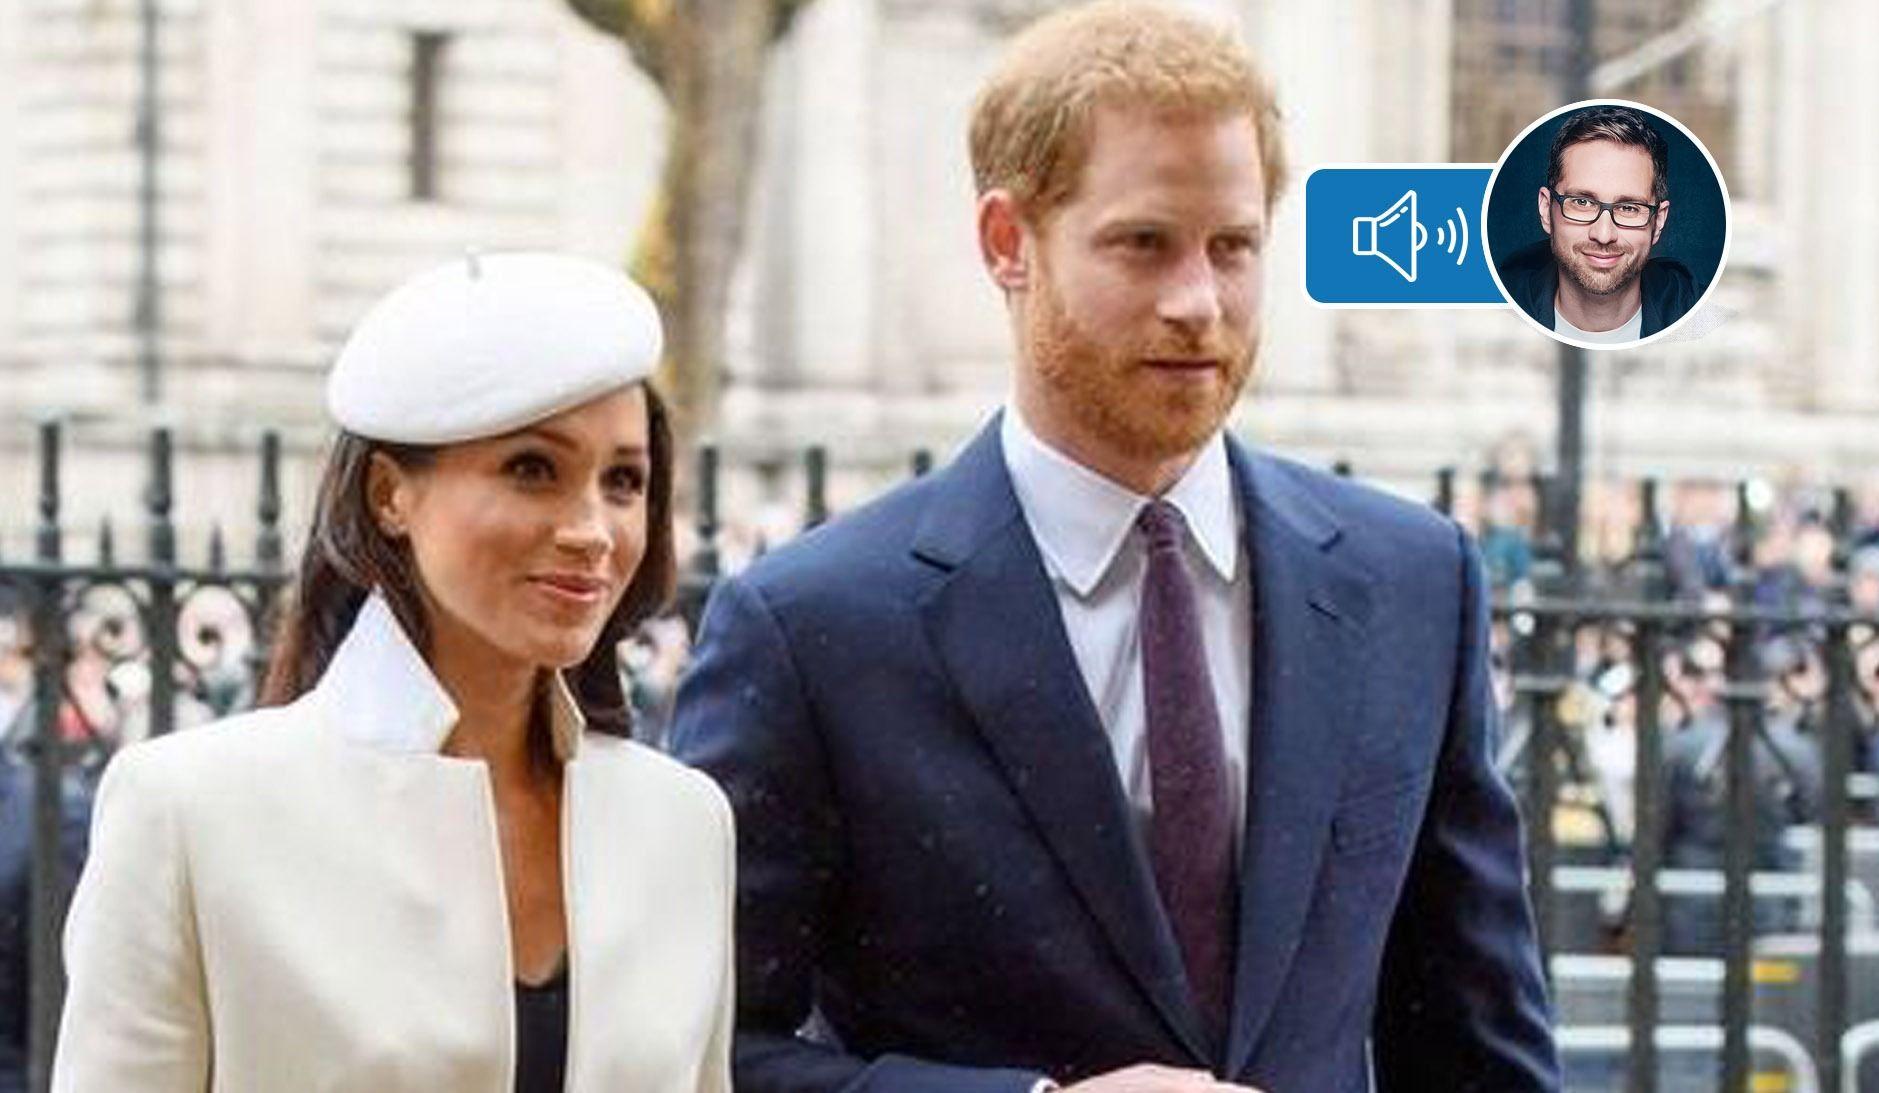 Un mariage royal qui fascine toute la planète